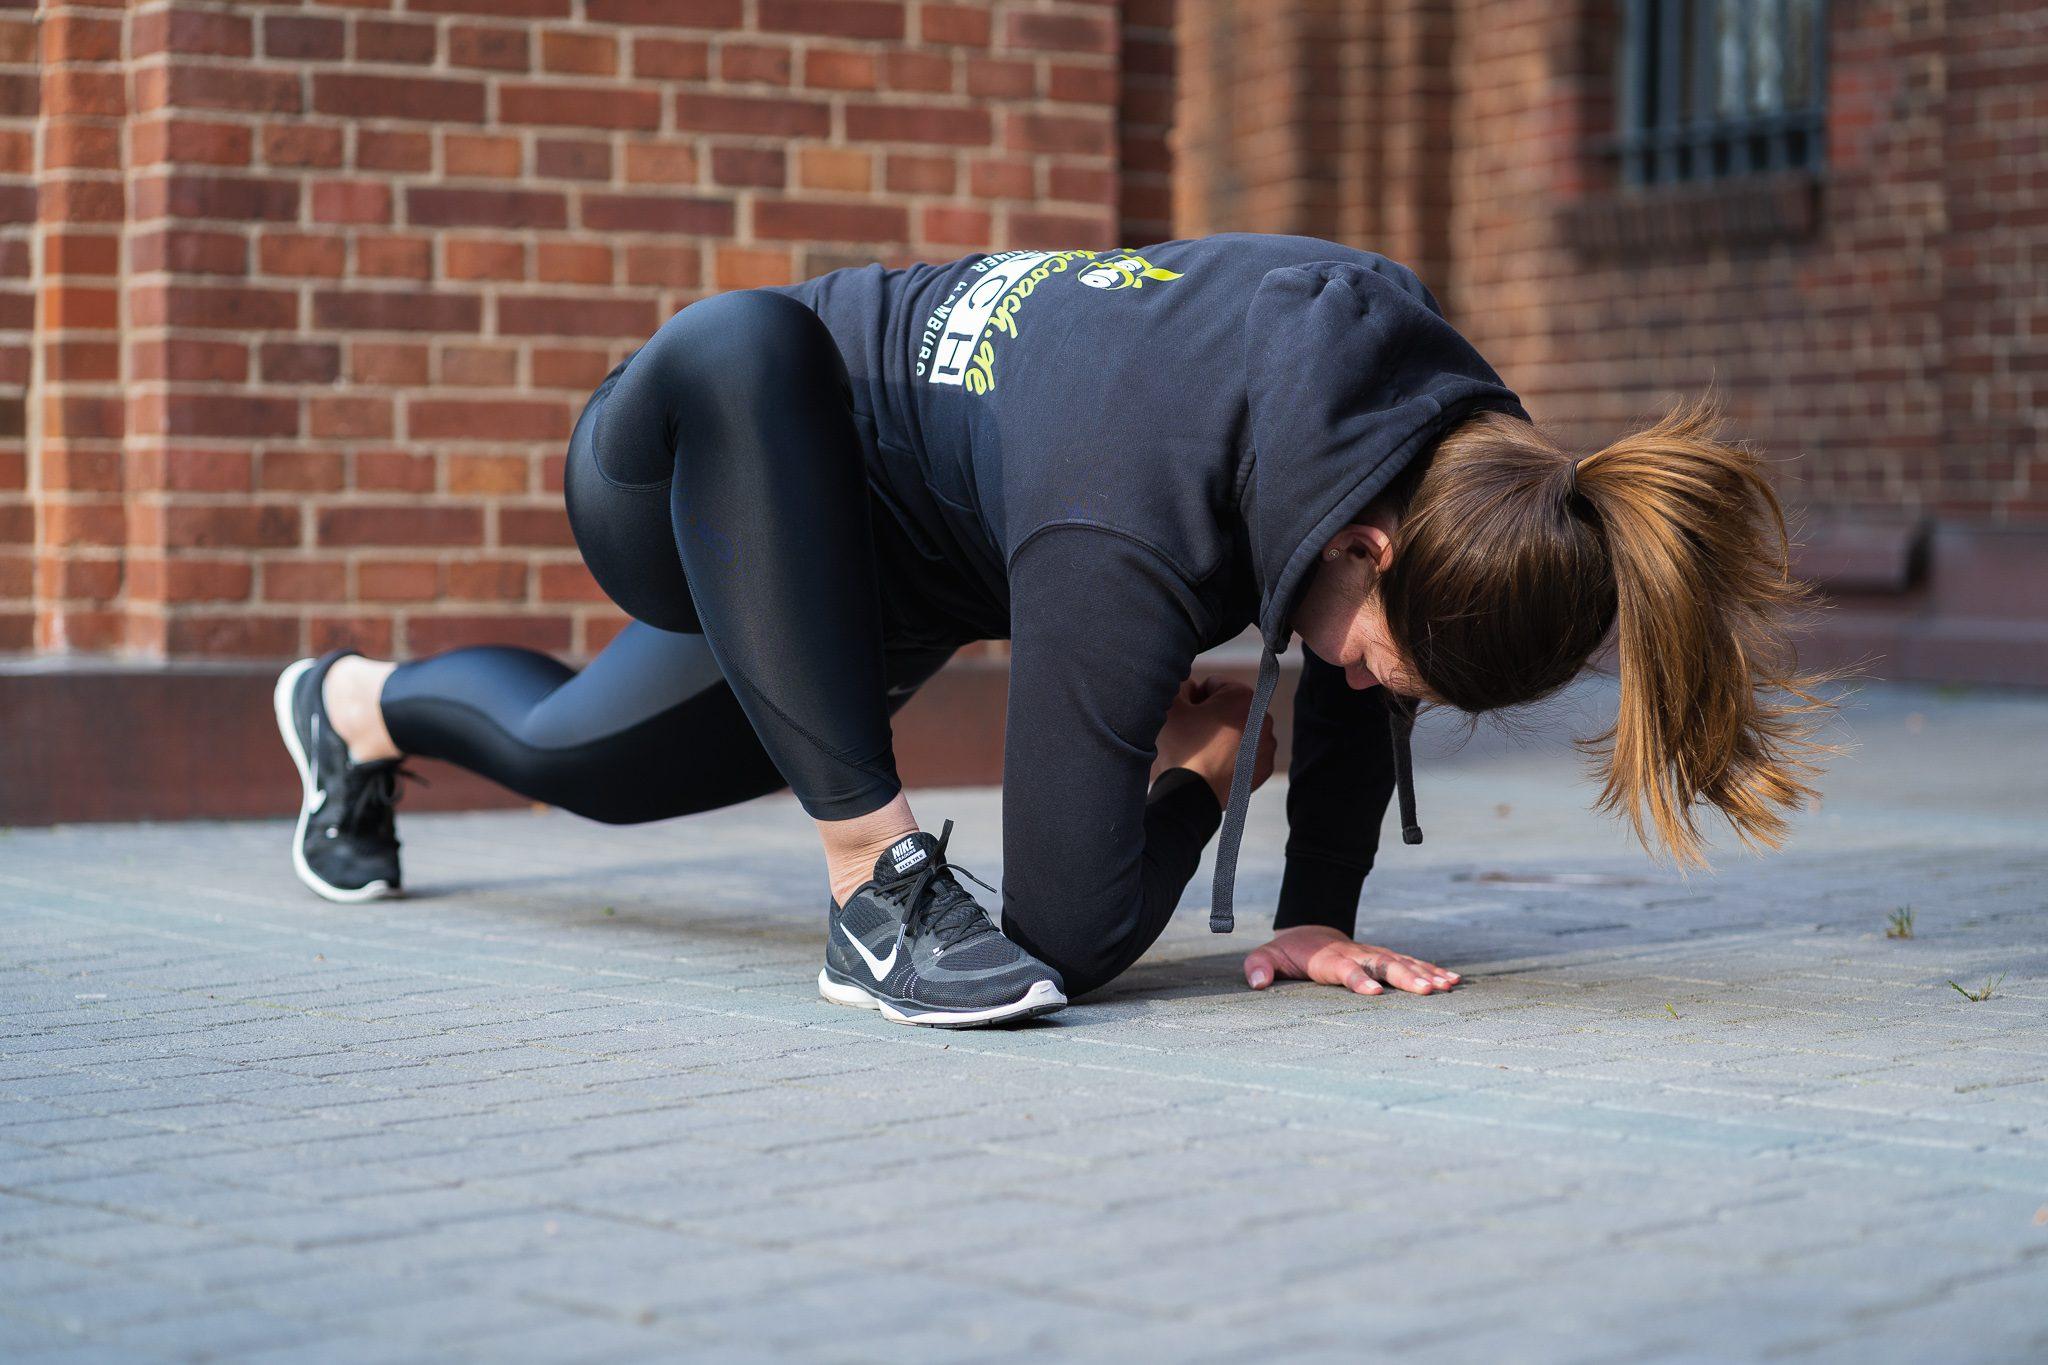 Personal Fitness Trainer Hamburg - TeamBodyCoach - Sei nicht so steif - 3 Mobility Vorteile 1